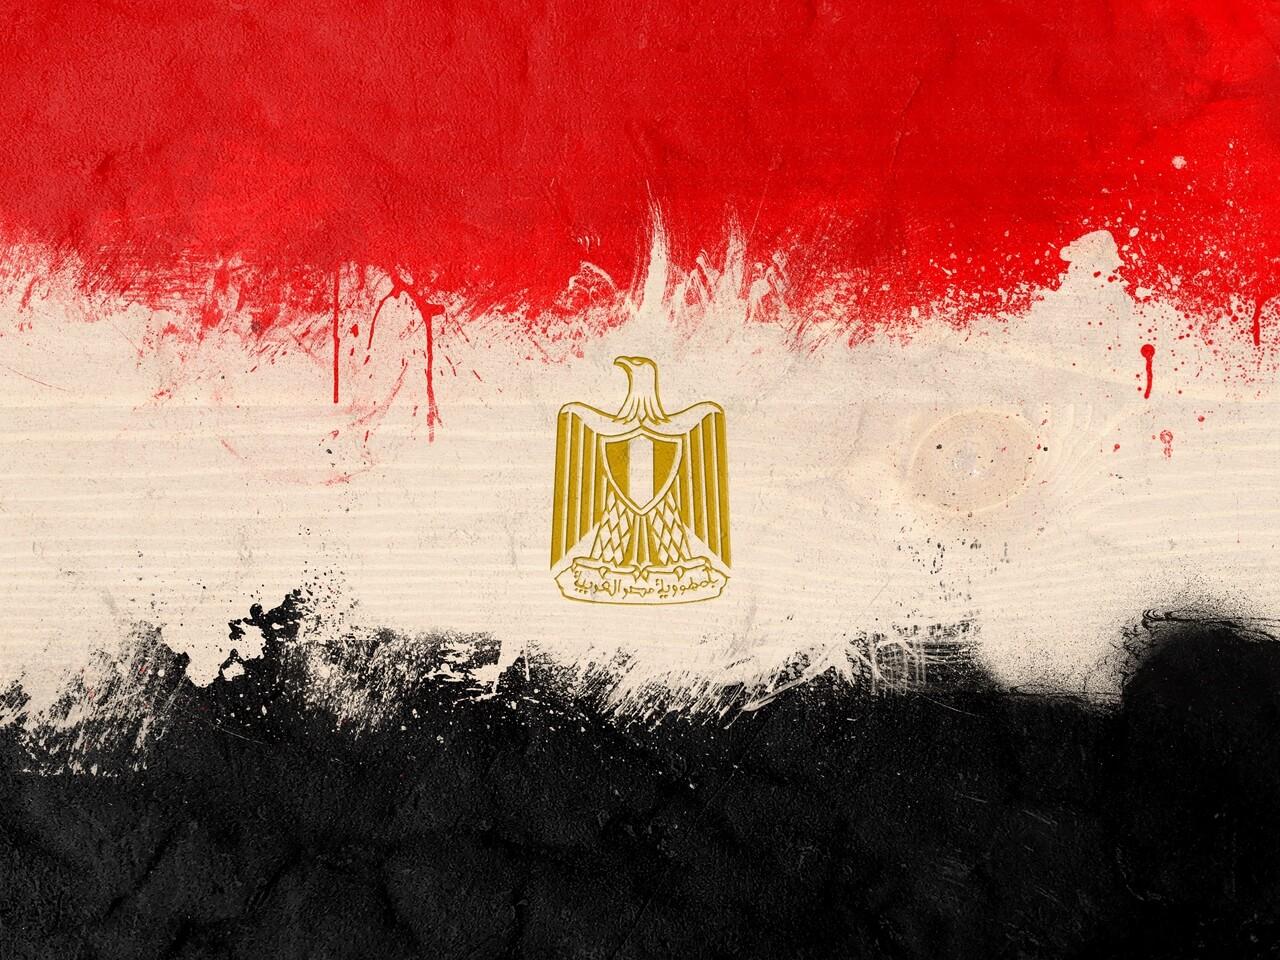 Mısır'ın Hammadde İhracatını Yasaklama Çalışmaları